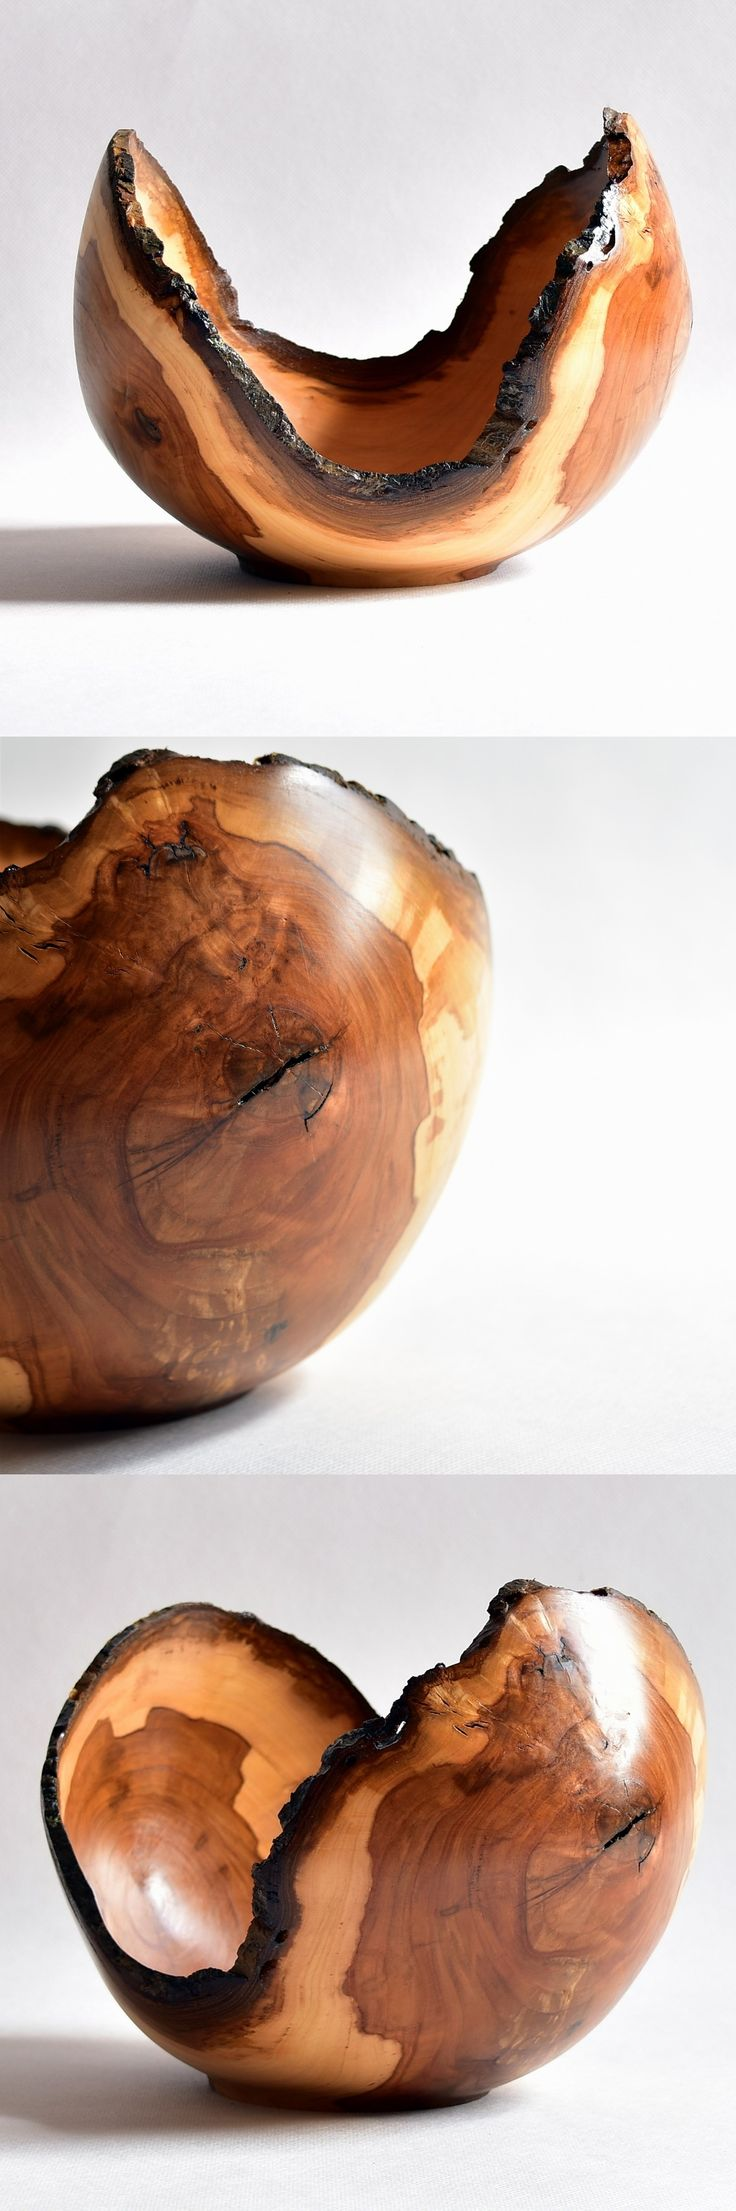 Wyjątkowa misa, toczona z mokrego drewna z jabłoni. Apfelbaum / Apple tree #donitza, #toczenie, #woodturning